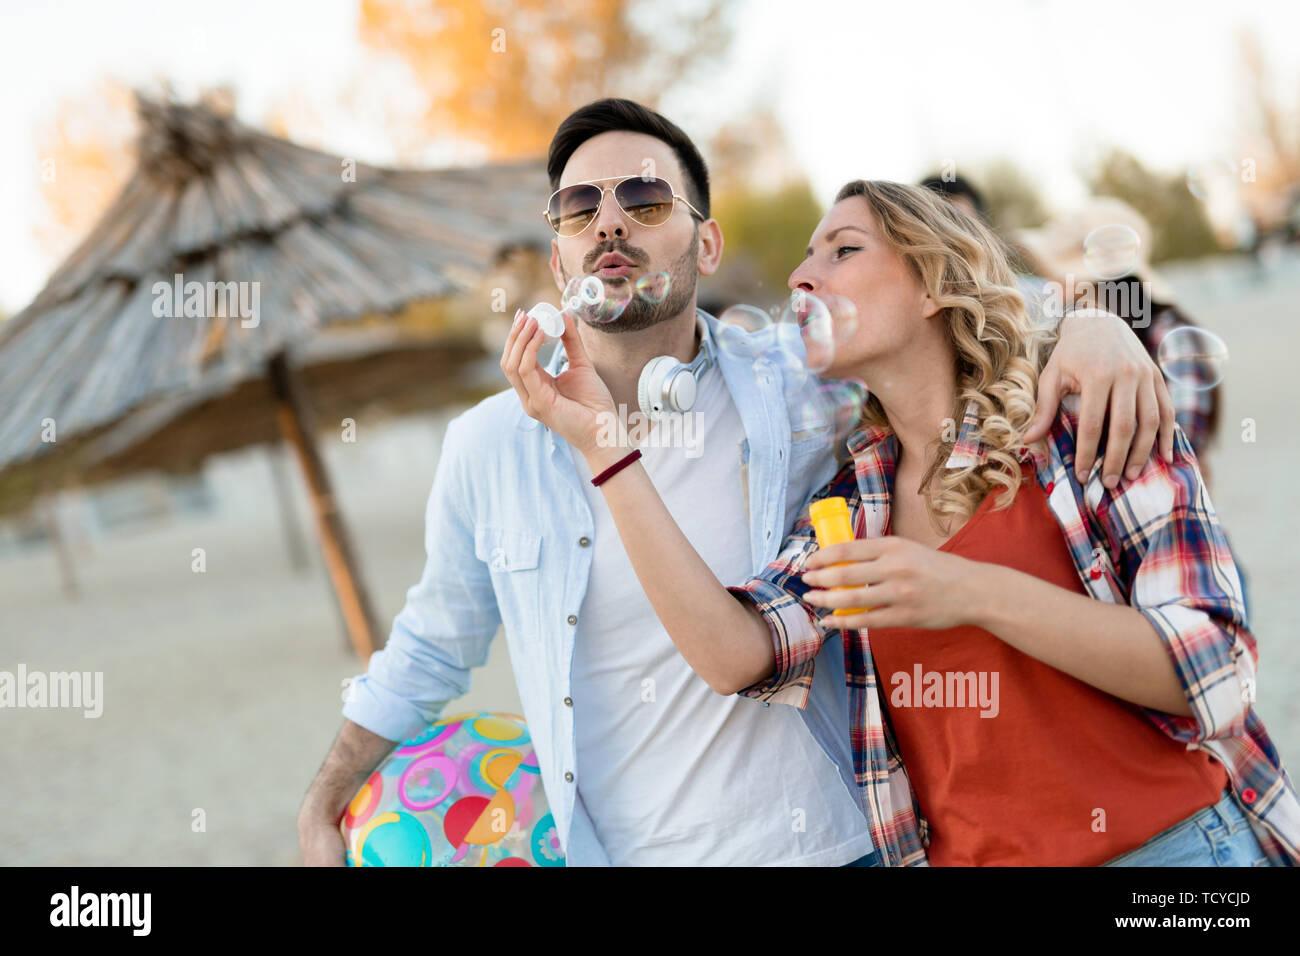 bästa dating apps för Android Indien